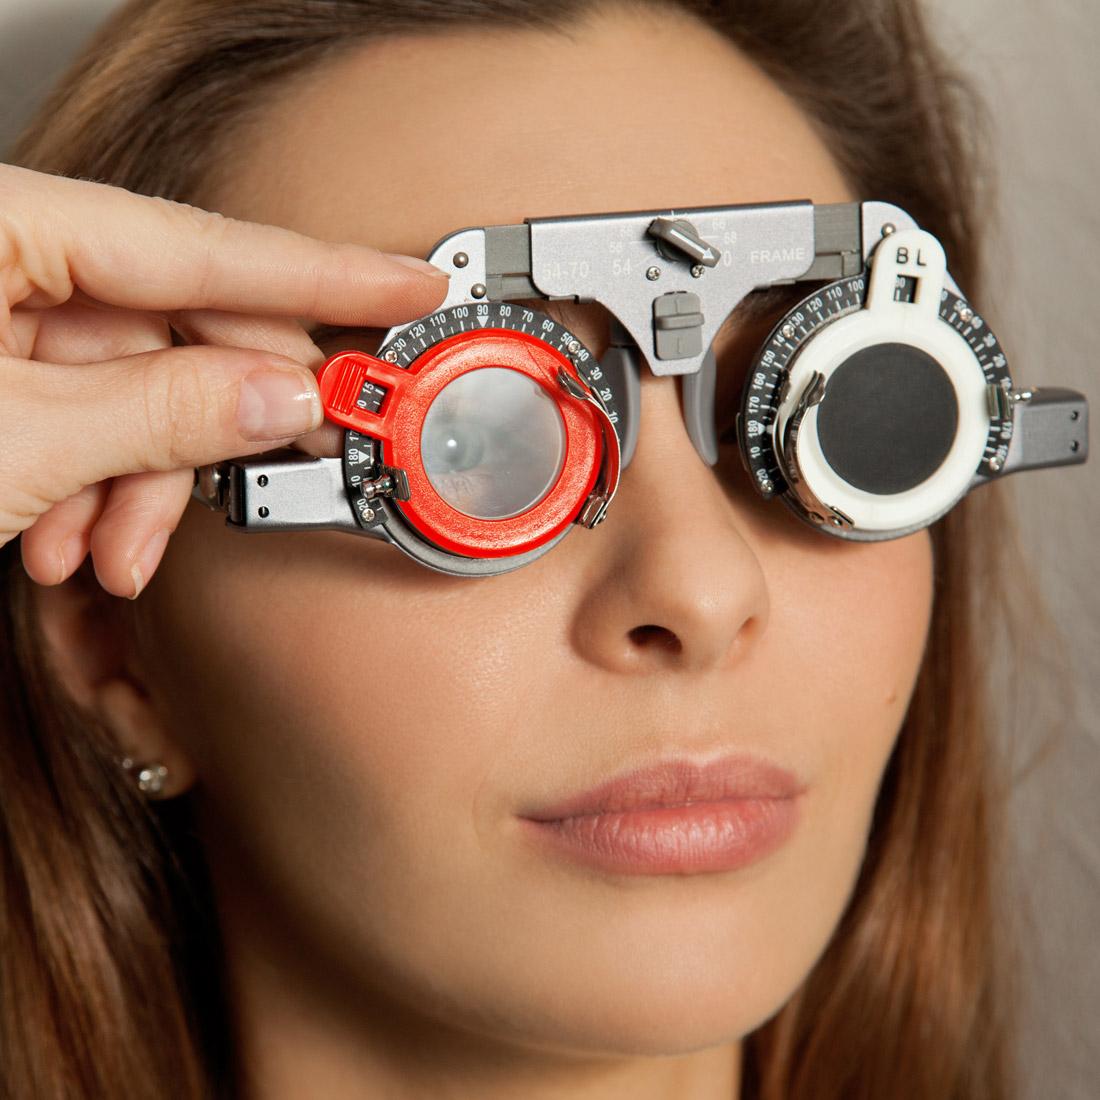 аппаратная диагностика зрения